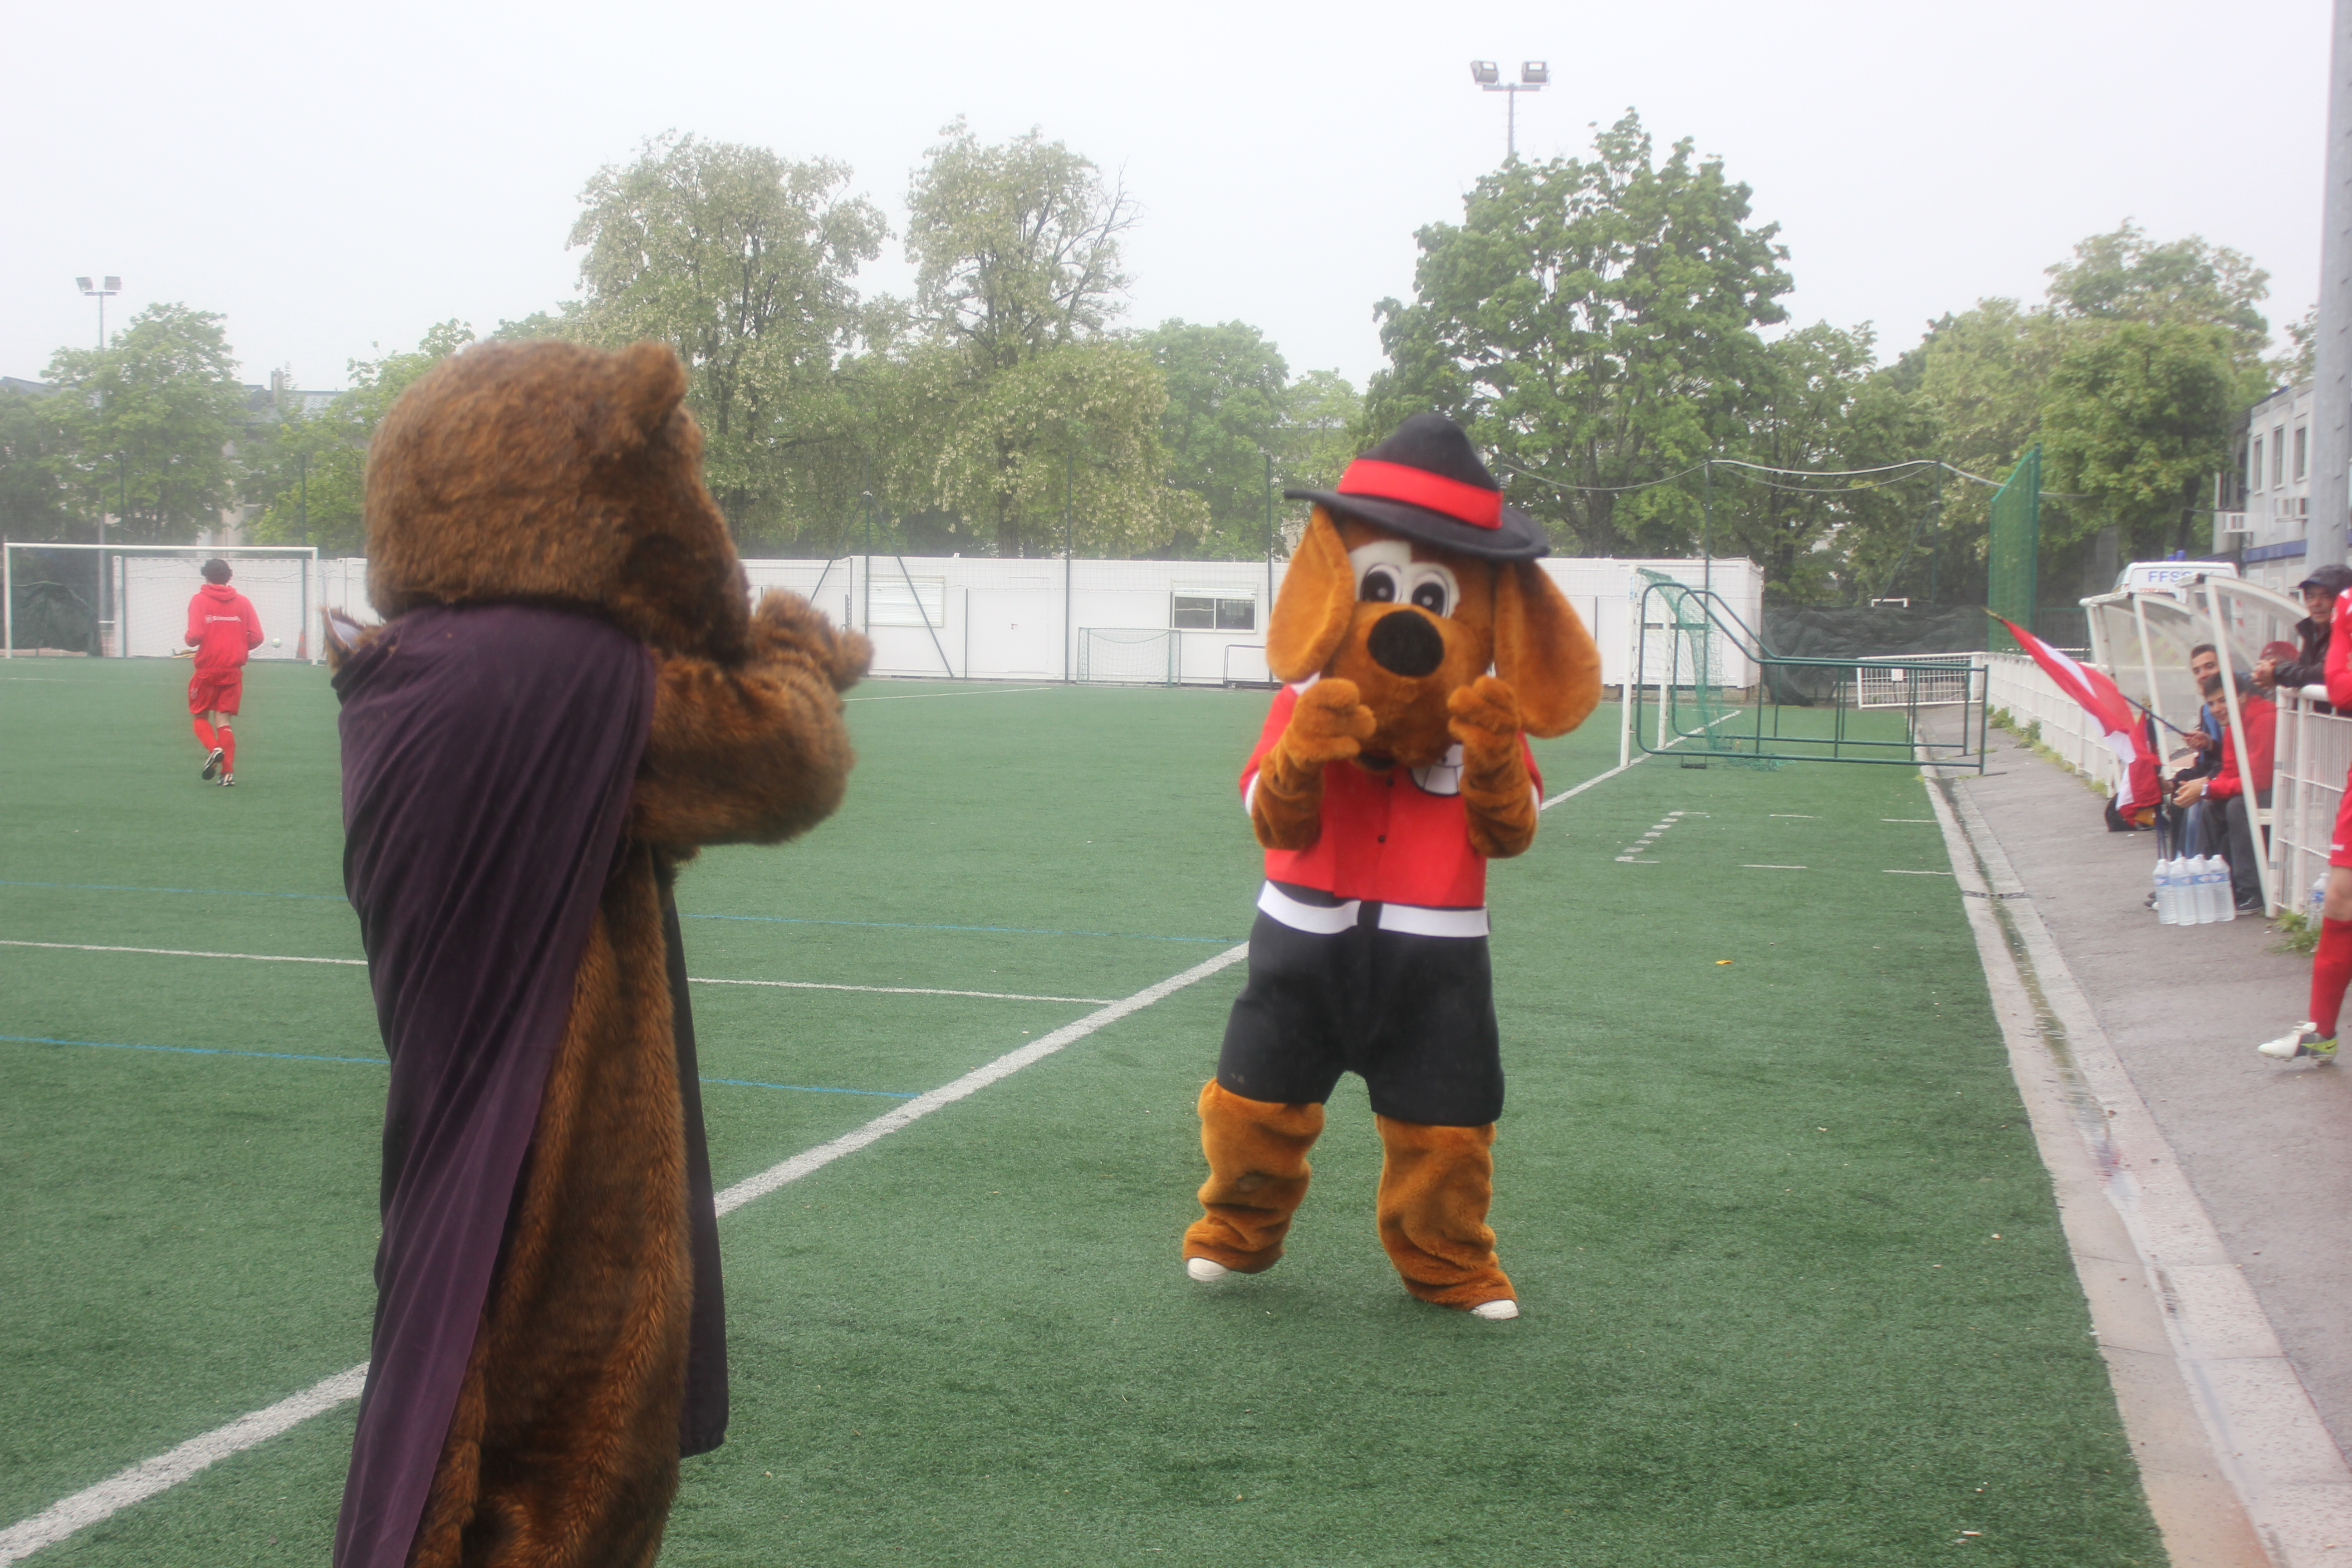 La lutte fait rage entre le Beaver de Reims et la mascotte nancéienne.